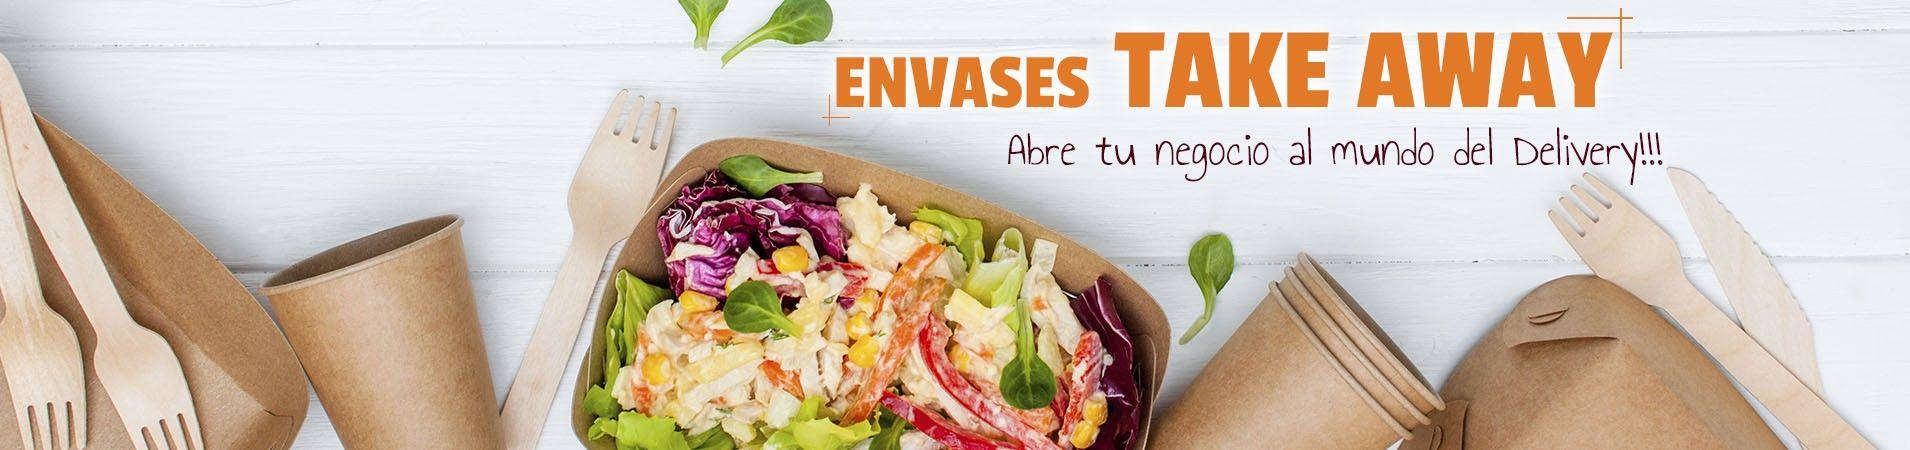 Envases take away